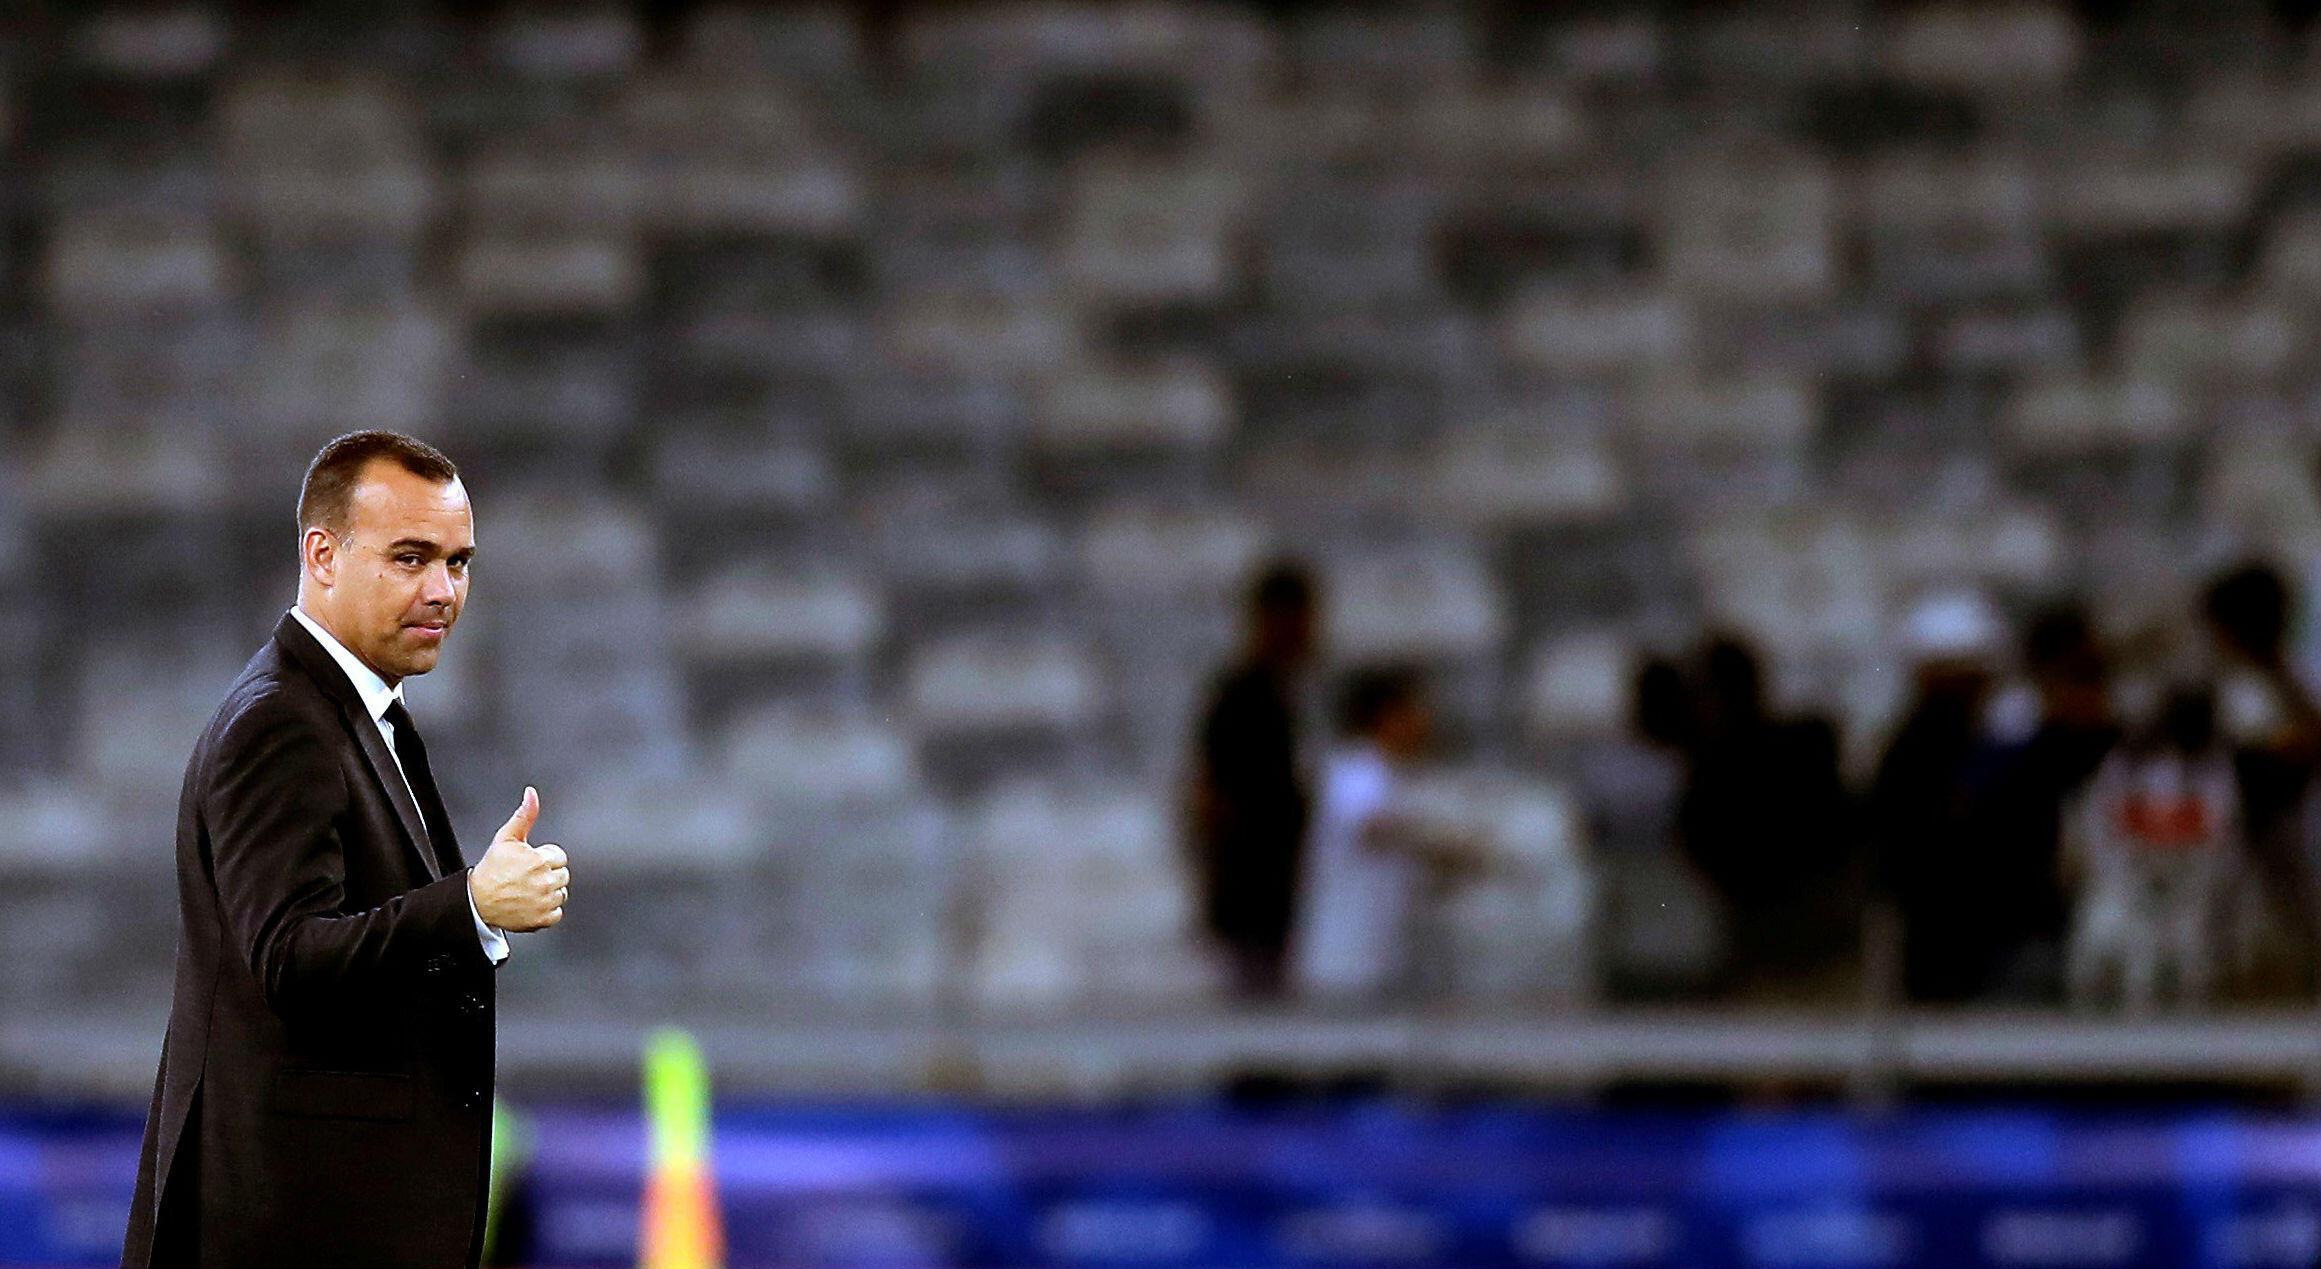 El técnico de Venezuela, Rafael Dudamel, reacciona este sábado, tras el partido ante Bolivia del grupo A en Belo Horizonte, Brasil. 22 de junio de 2019.